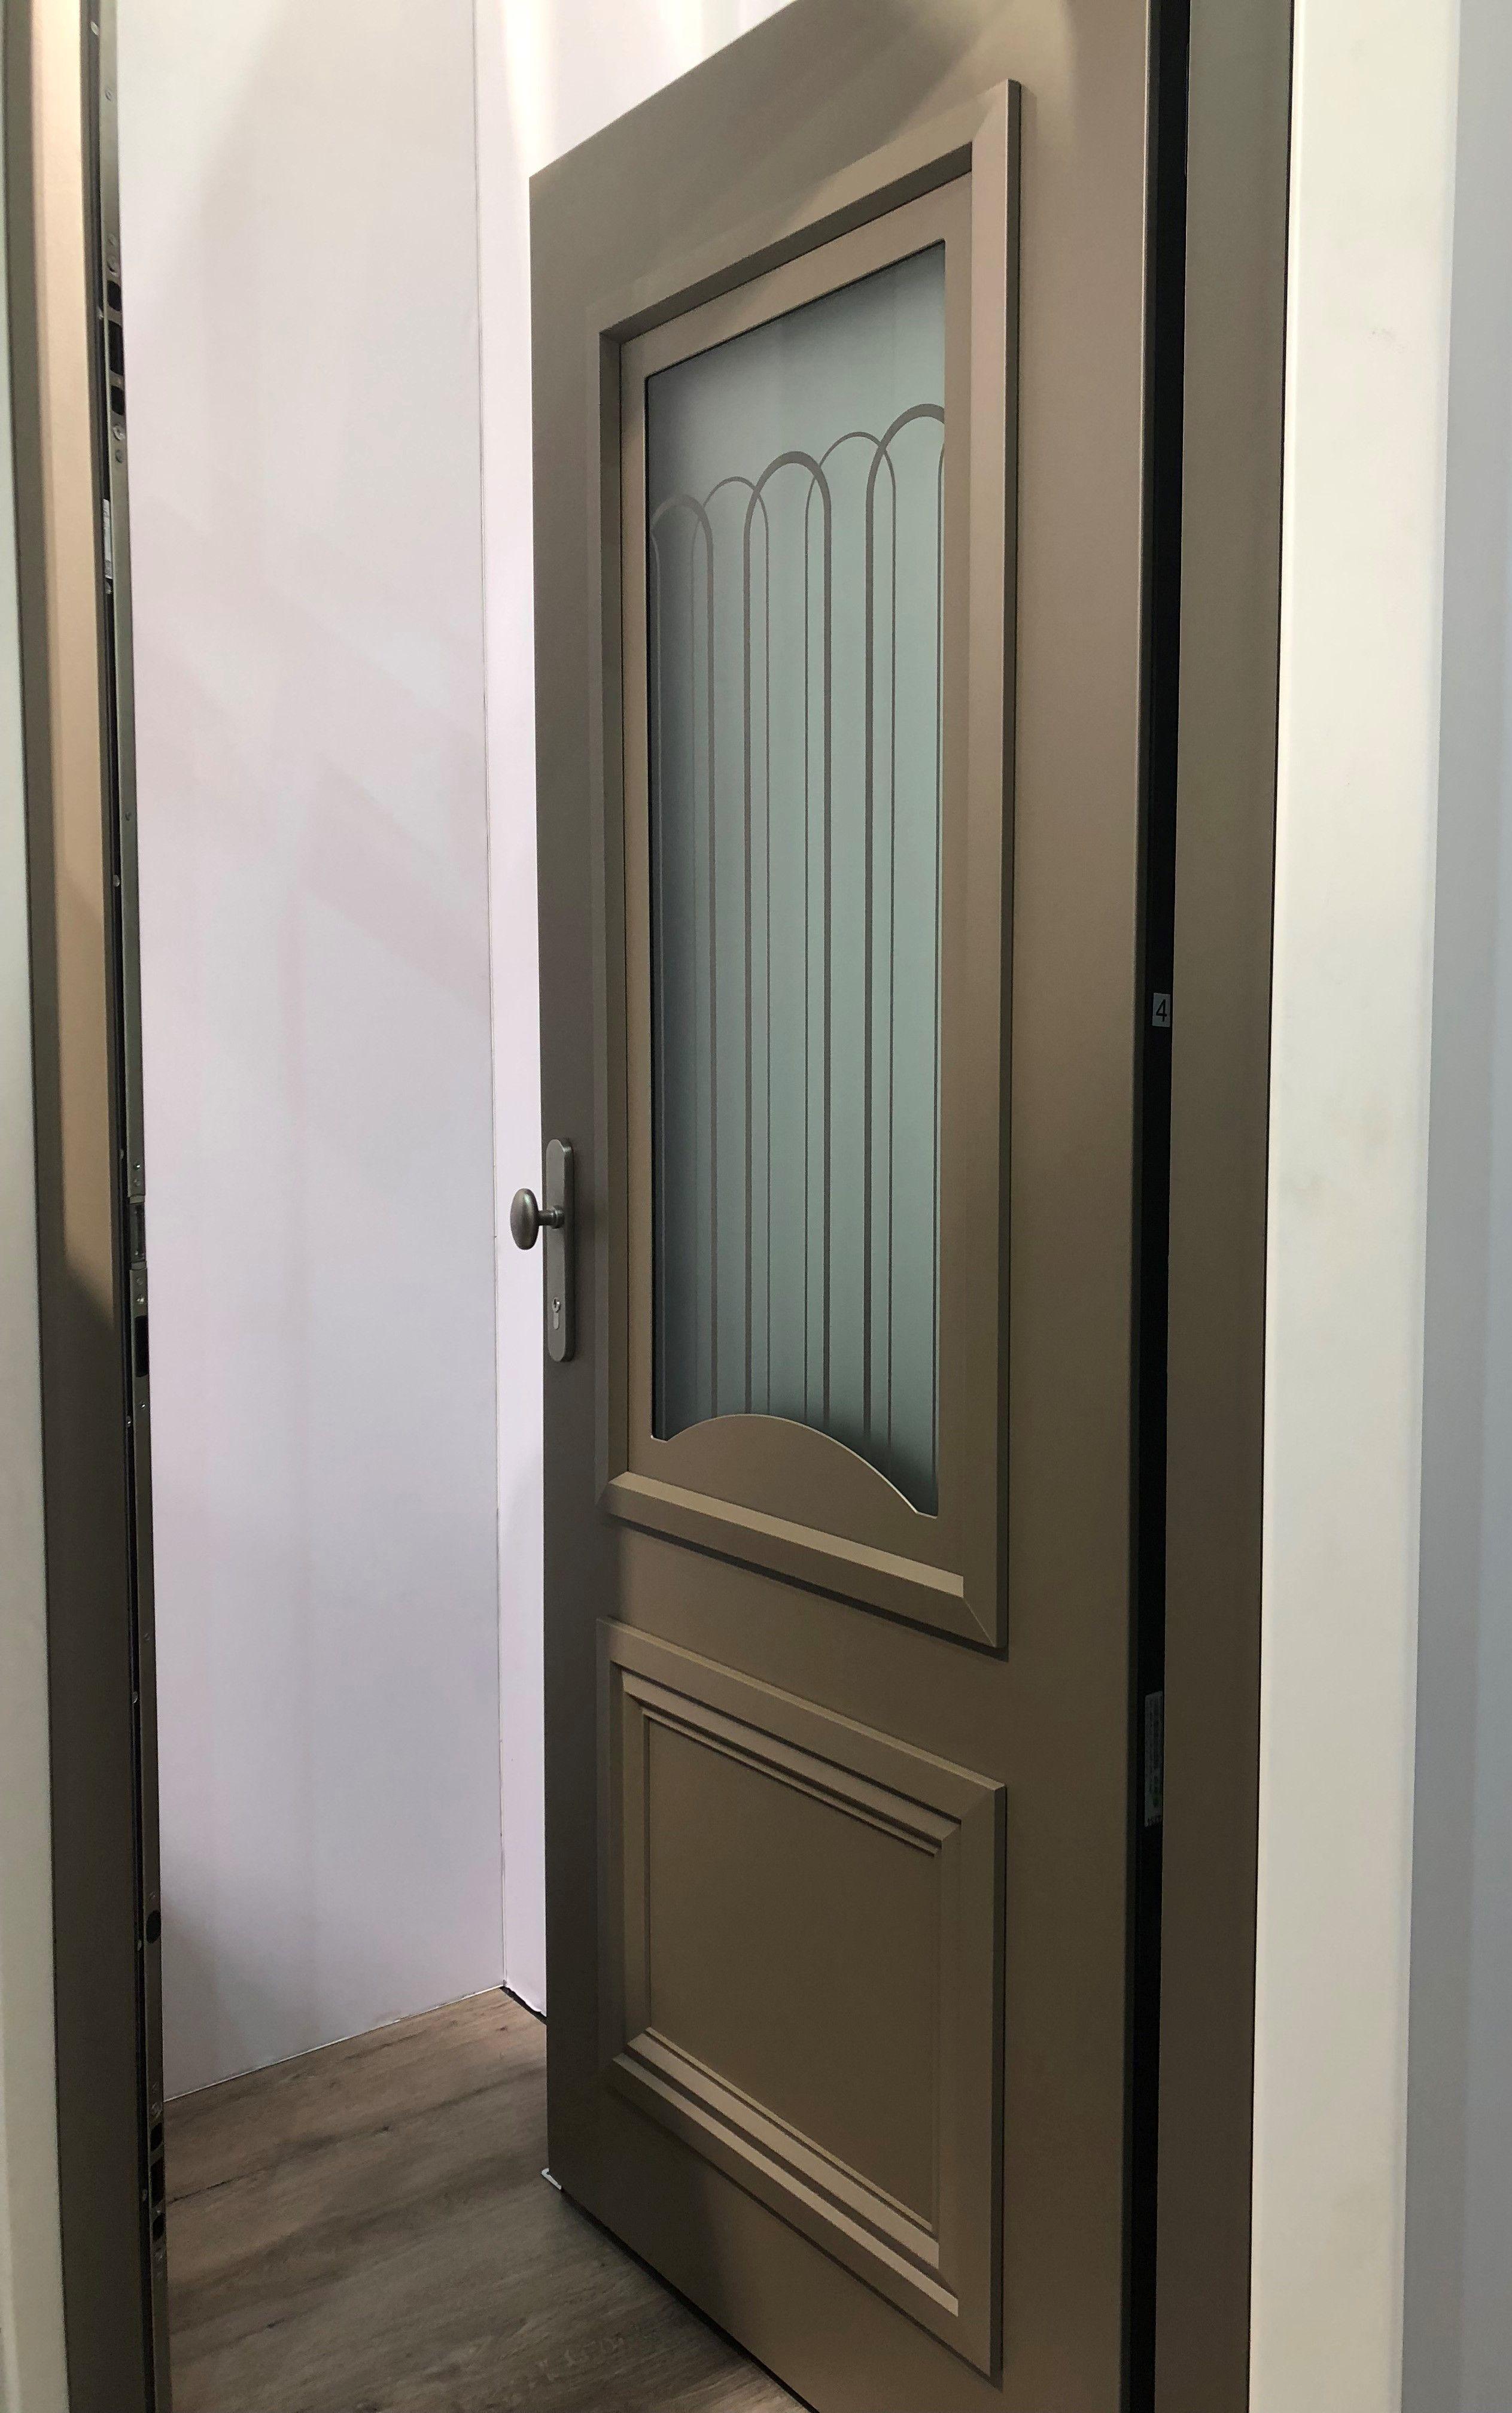 Zilten Porte D Entree En Aluminium Du Fabricant Zilten Coloris Exterieur 25 Teintes Au Choix Coloris Inter Portes Porte D Entree Menuiserie Aluminium